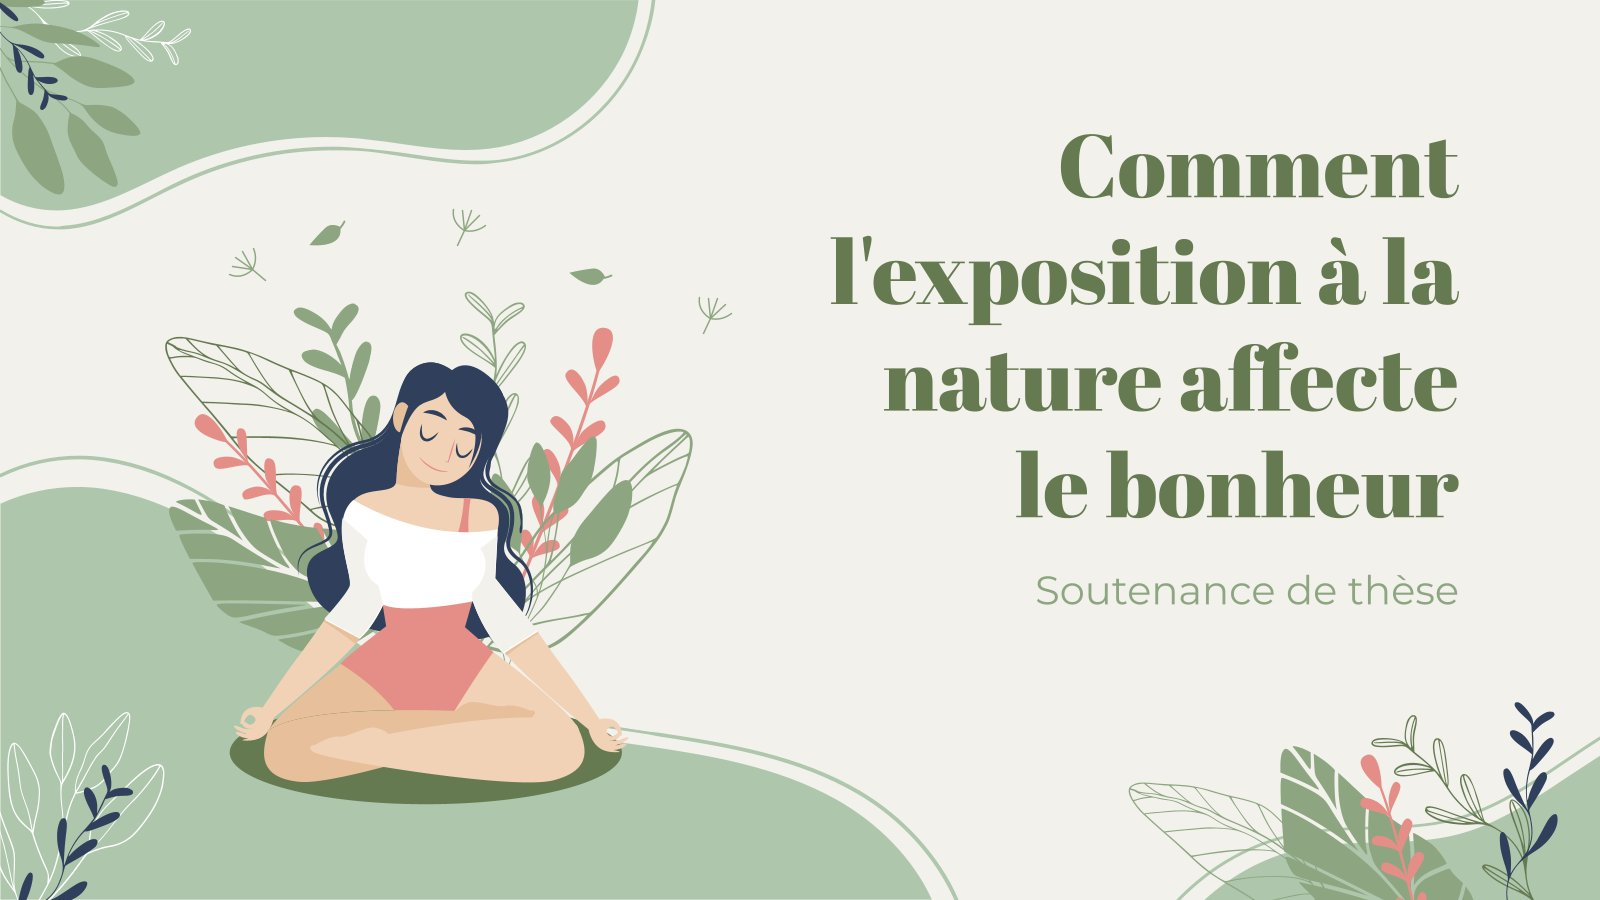 Comment l'exposition à la nature affecte le bonheur - Soutenance de thèse presentation template